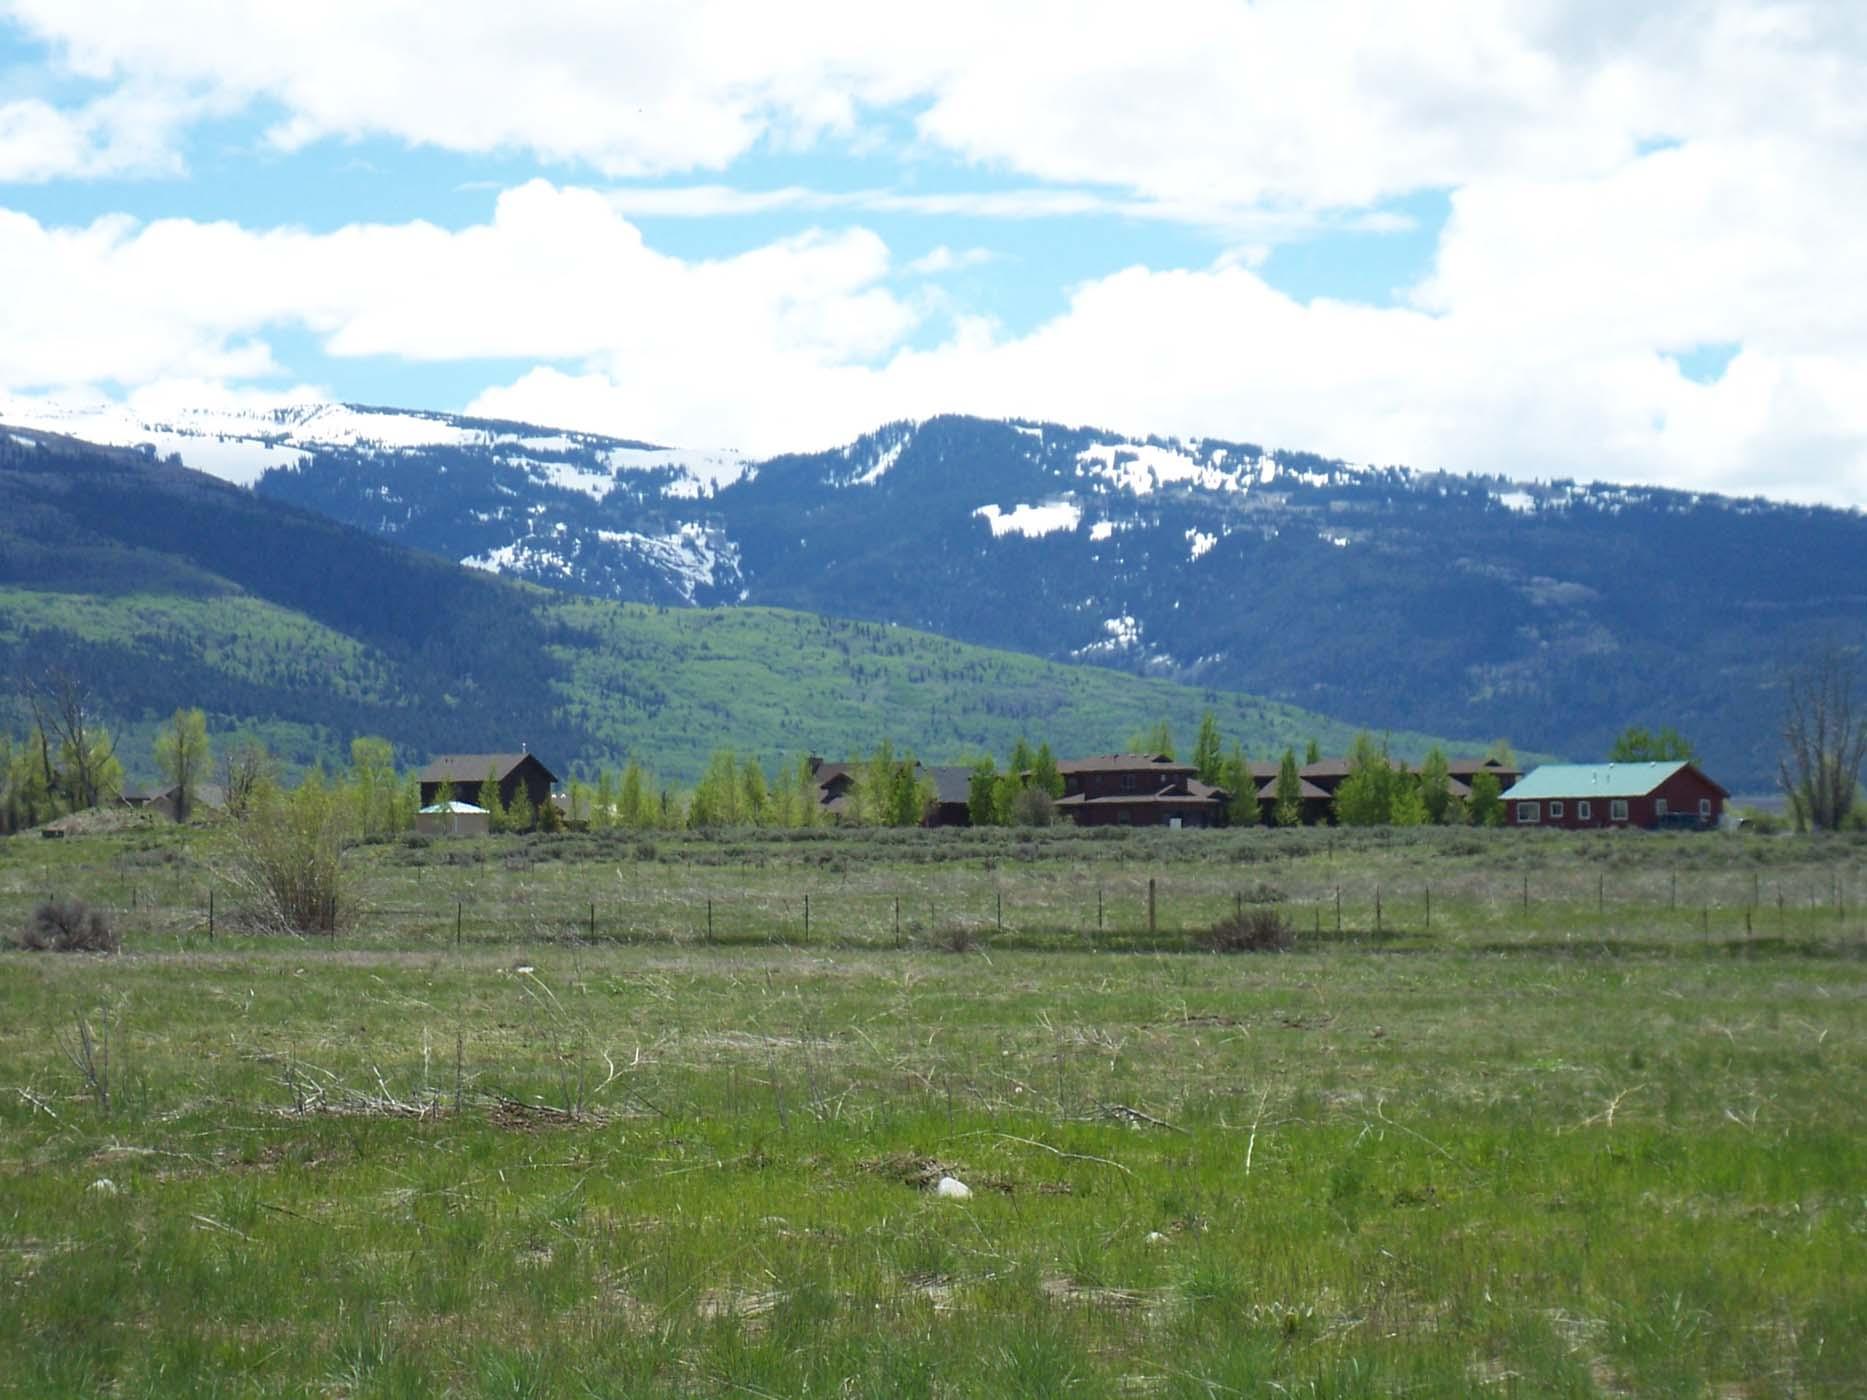 Terreno por un Venta en 20 acres Near Driggs Schools Approximately 155 Le Grand Pierre Ave. Driggs, Idaho, 83422 Jackson Hole, Estados Unidos